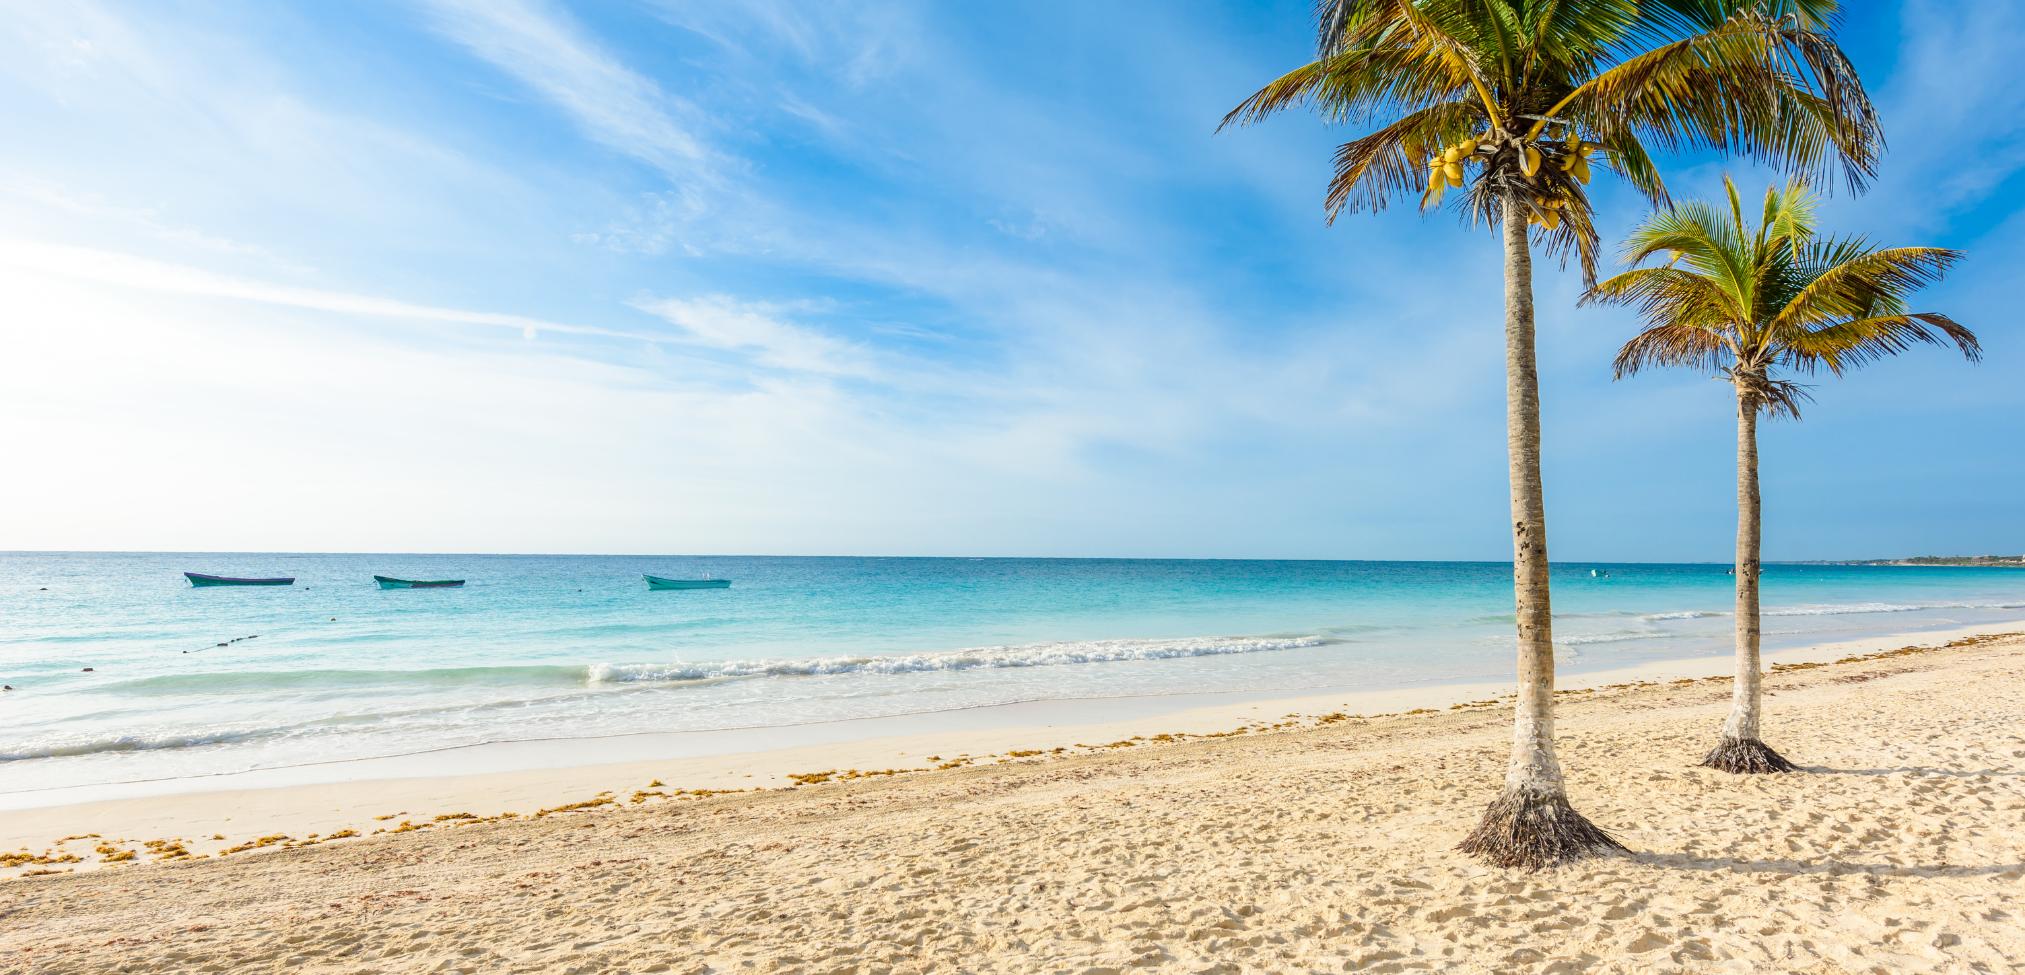 Die schönsten Reiseziele in Mexiko: Riviera Maya